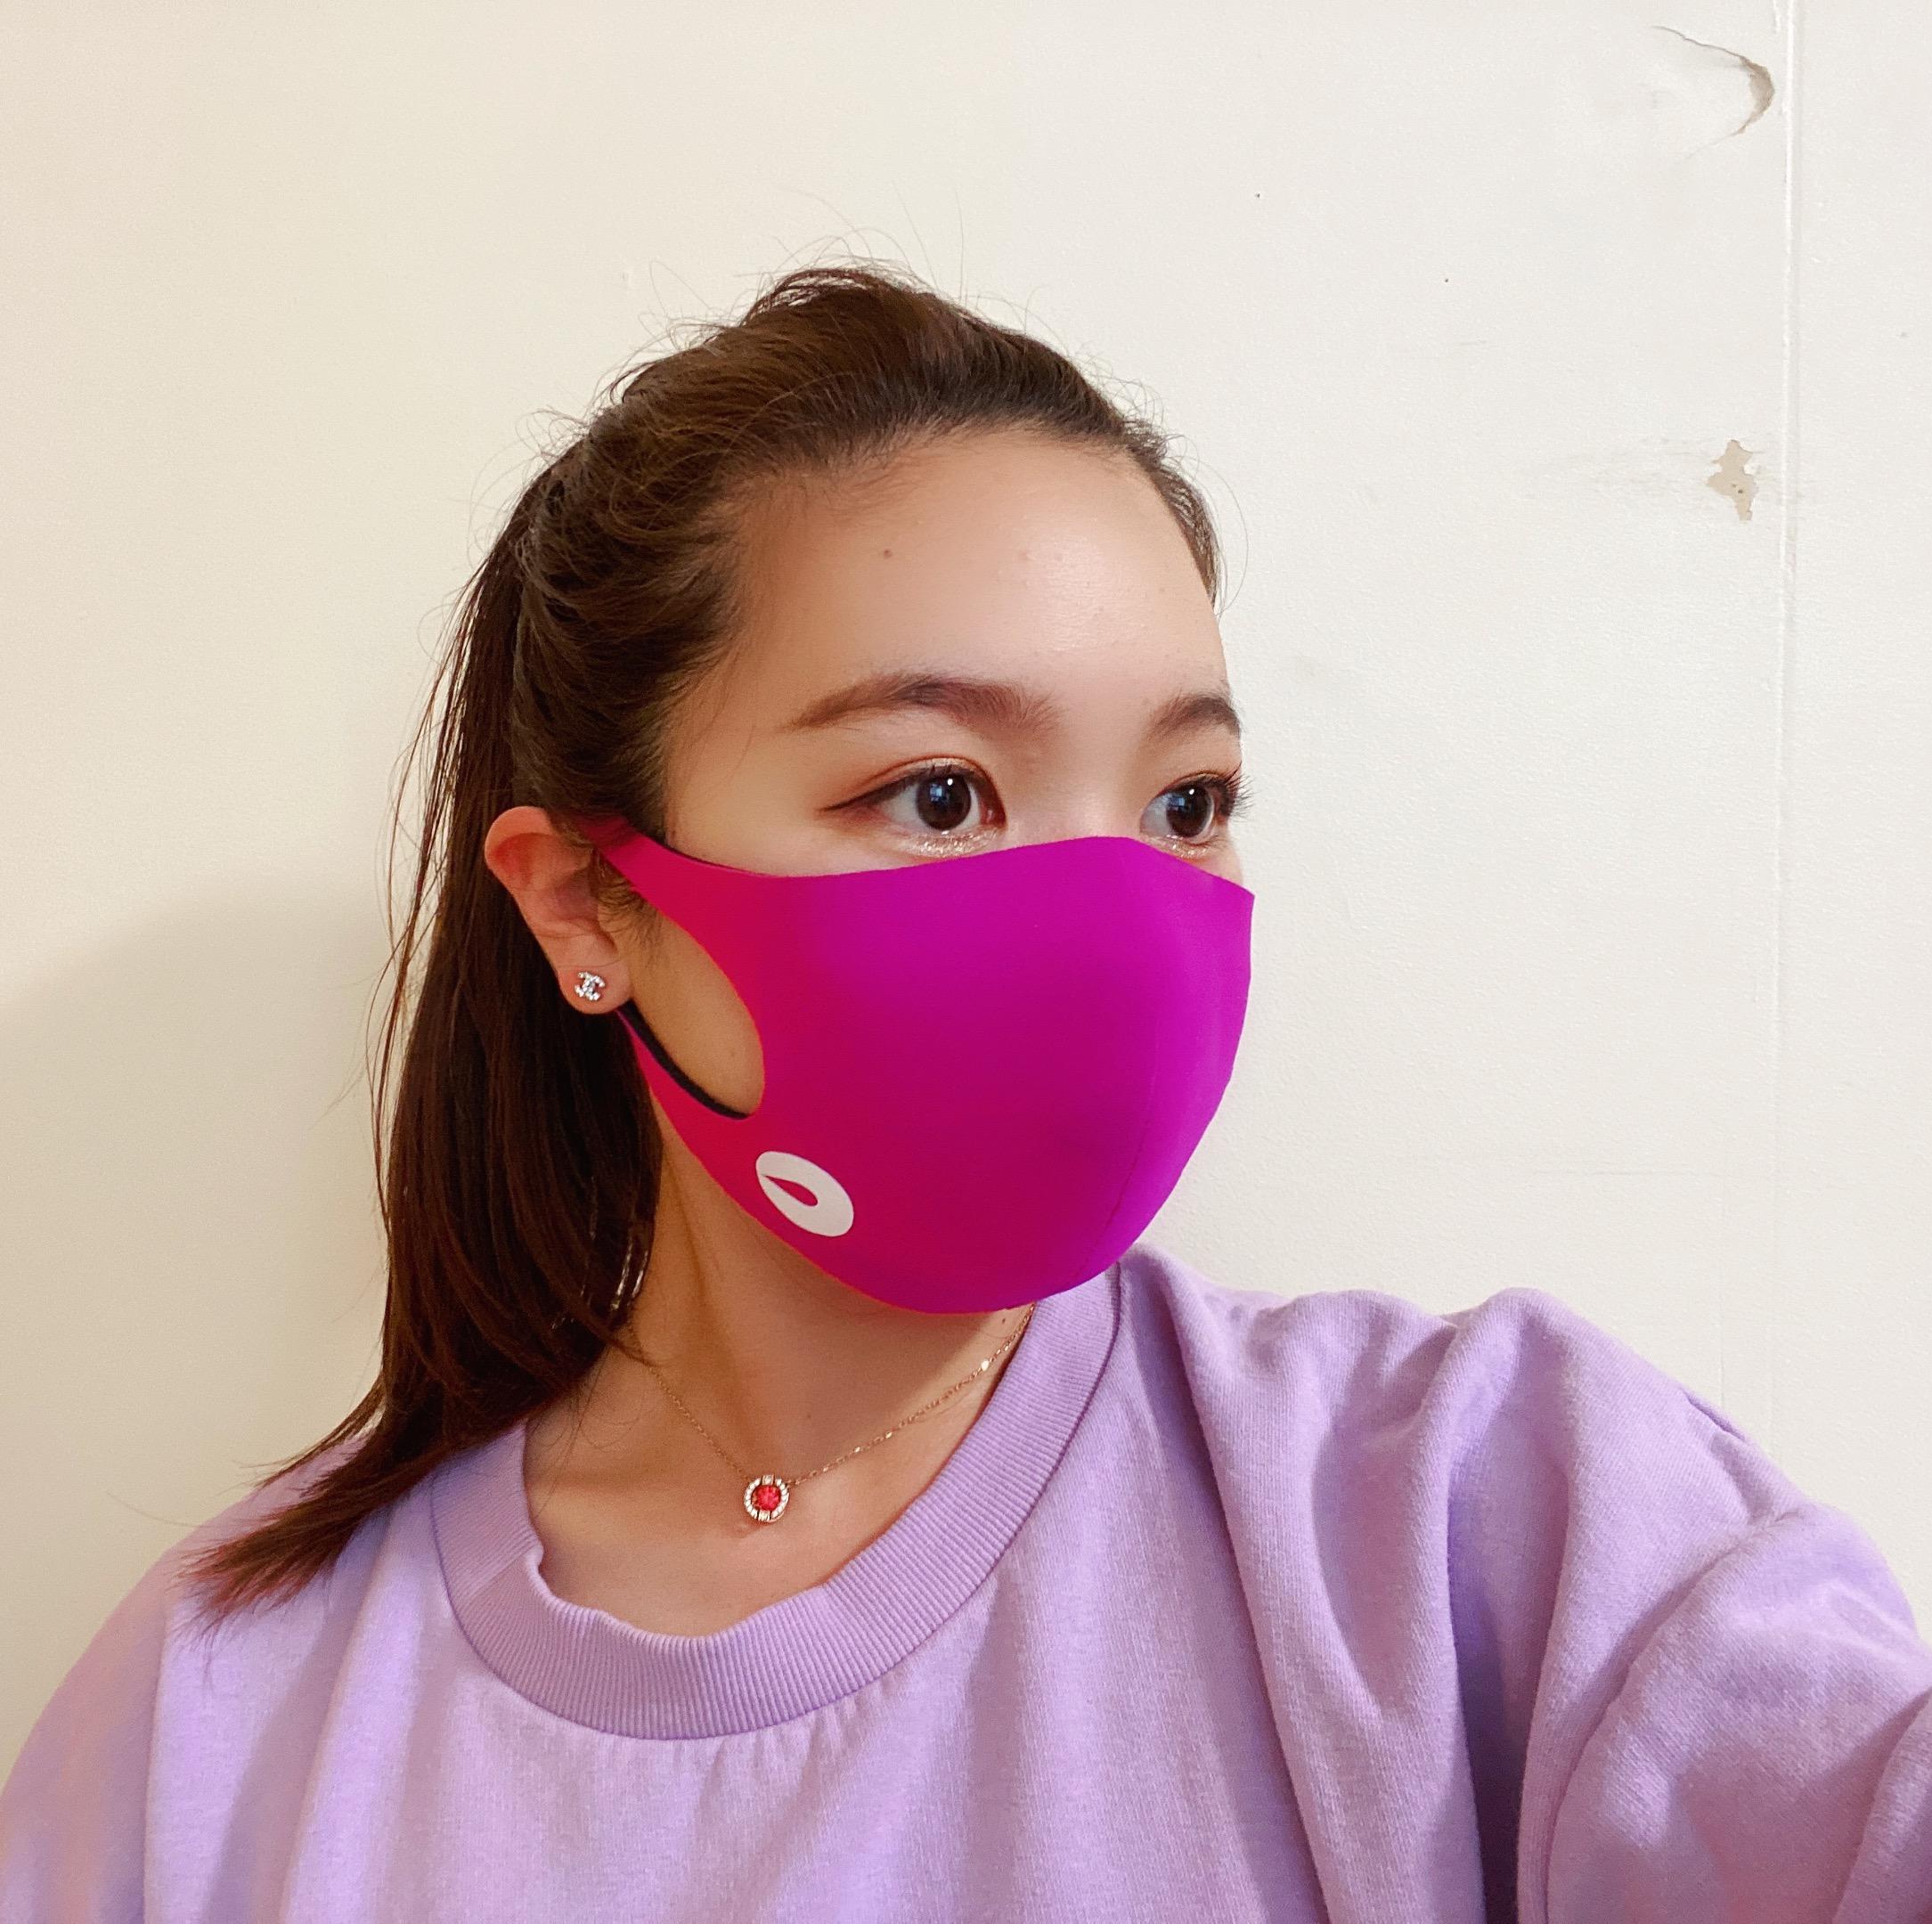 ウェットフェイスマスク